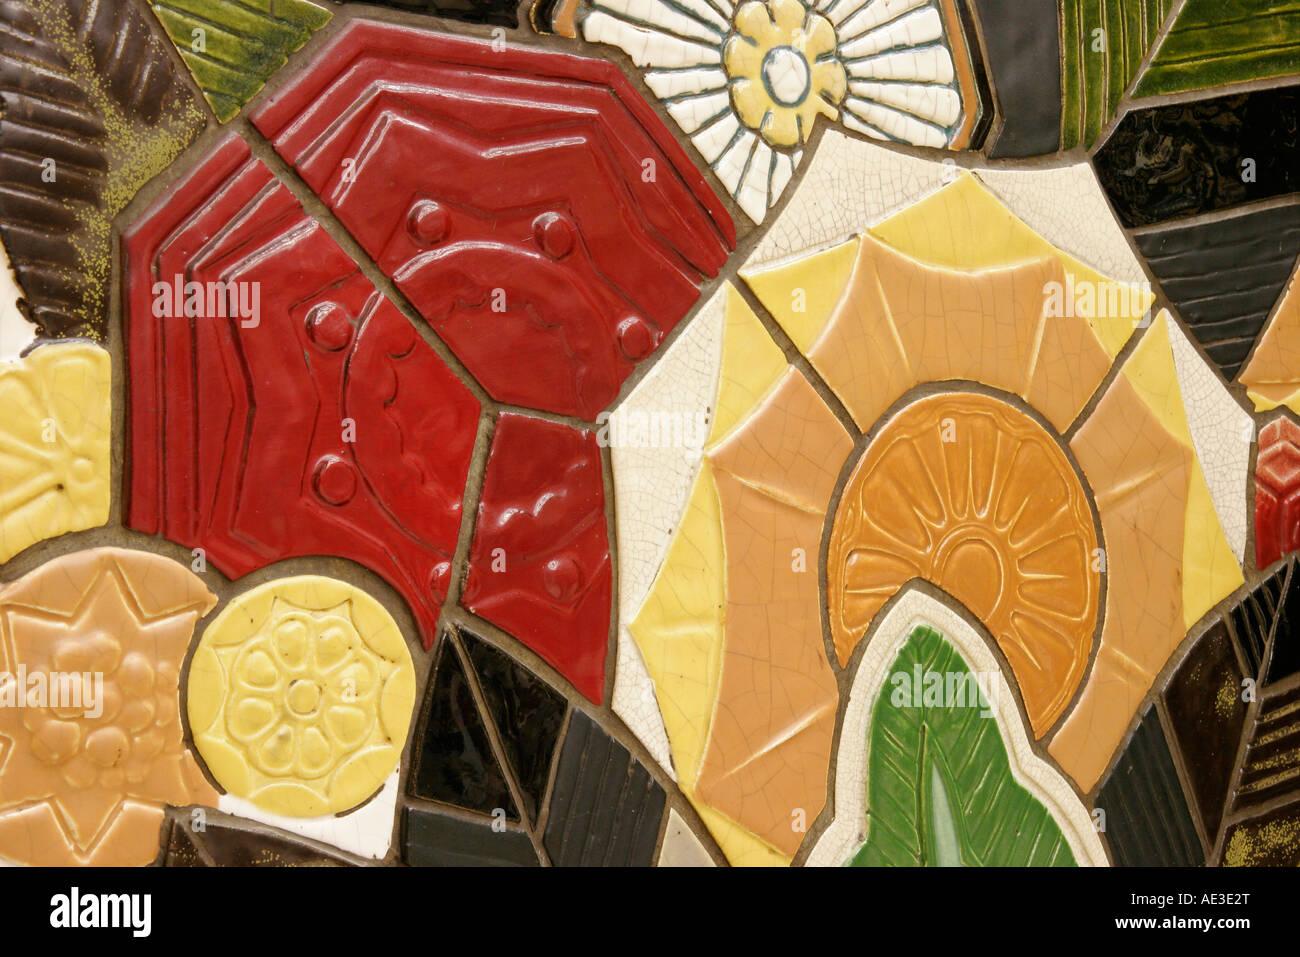 Ohio cincinnati carew tower art deco ceramic tile detail stock ohio cincinnati carew tower art deco ceramic tile detail dailygadgetfo Images